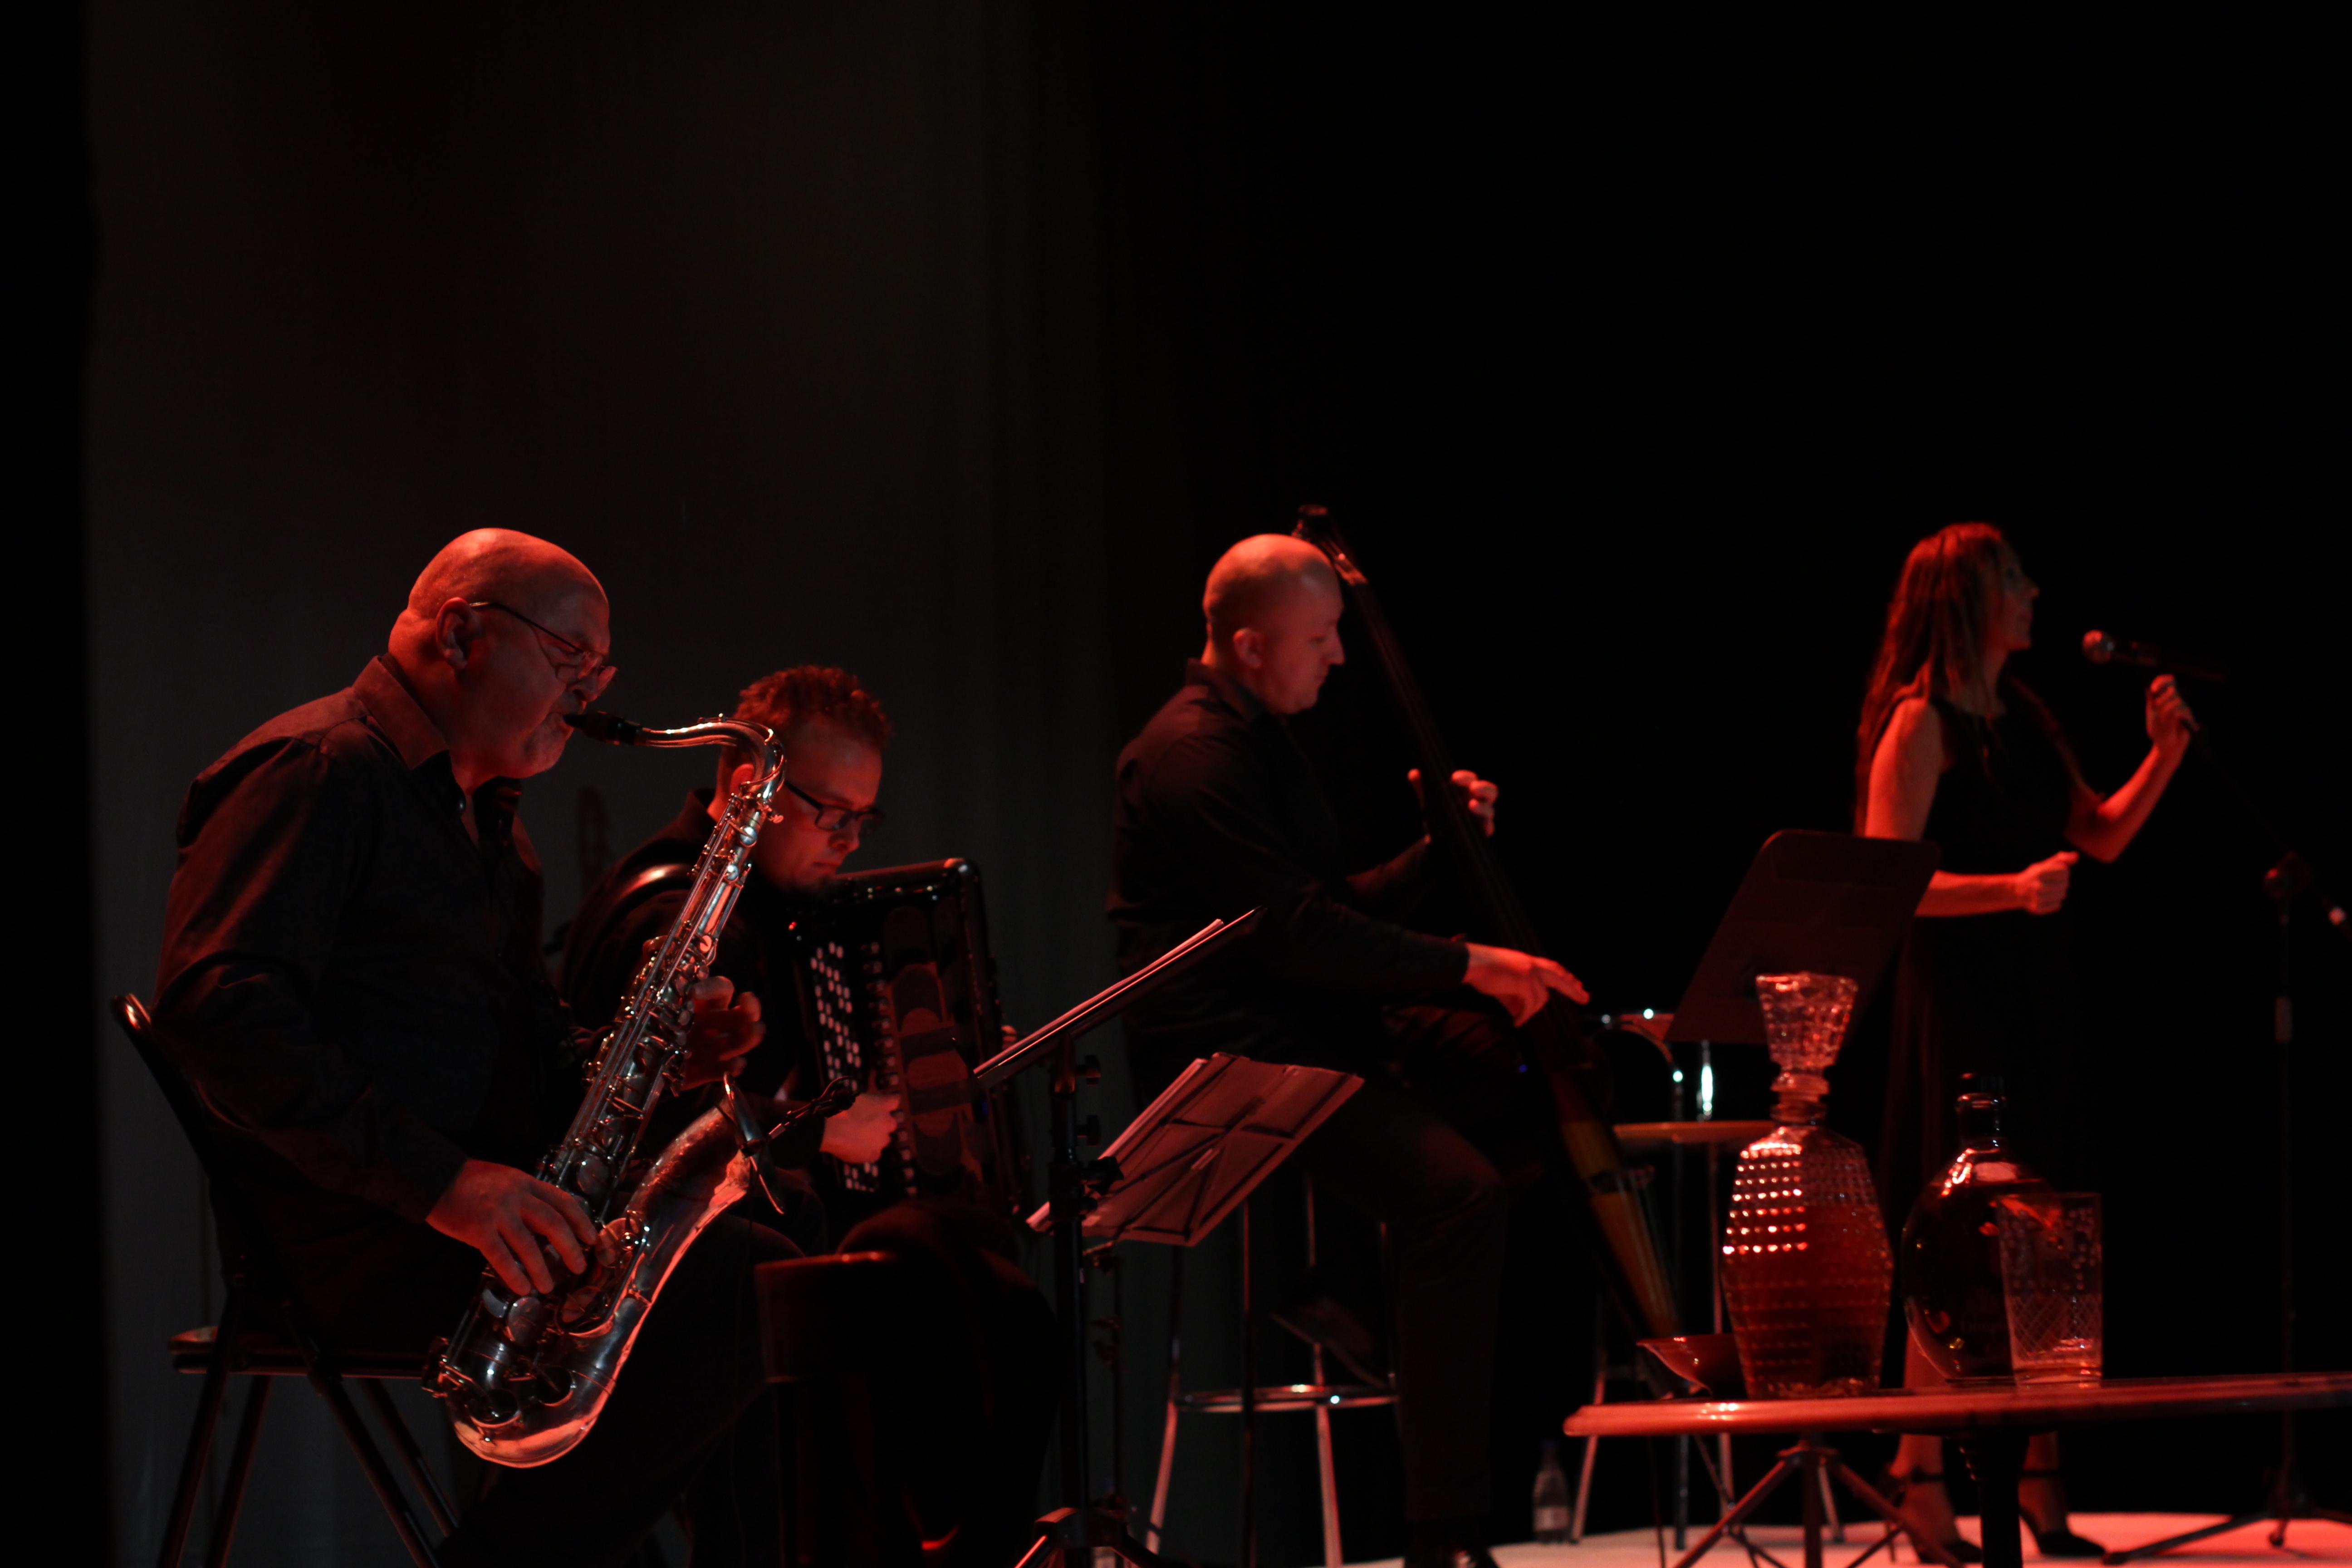 Los reconocidos músicos polacos Adam Wendt (saxofón), Pawel Zaganczyk (acordeón), Jarek Stokowsk (contrabajo) y la vocalista chestana Laura Cubí, encandilaron al público con quince temas de latín jazz.